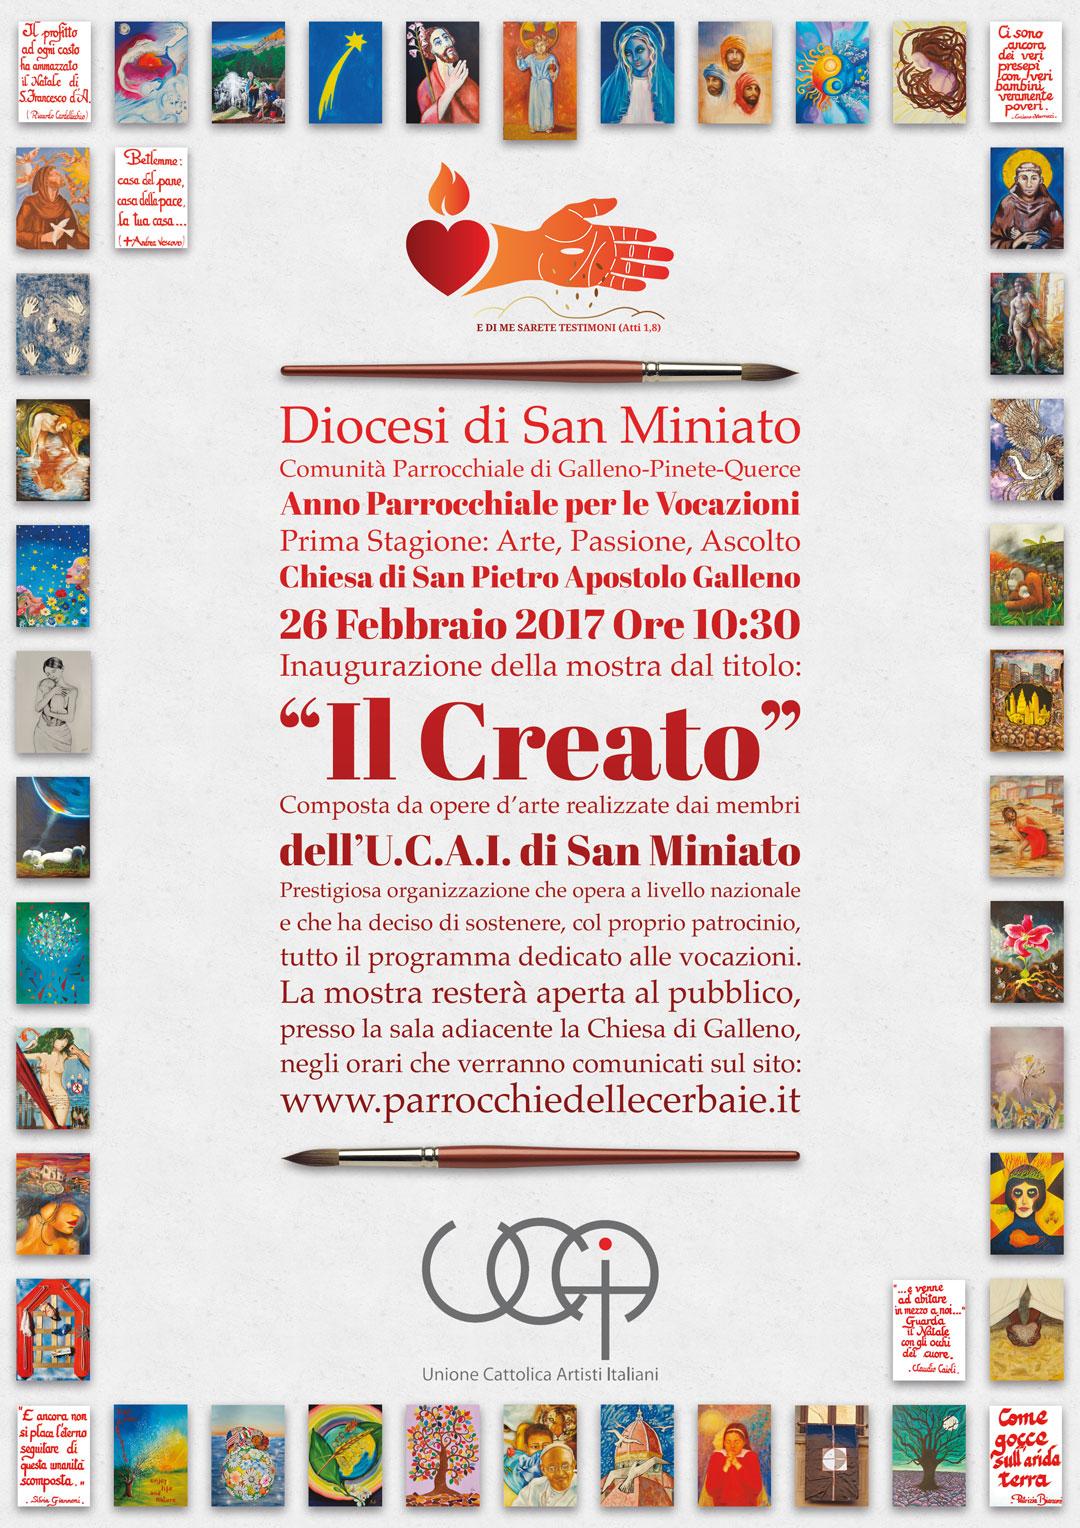 Mostra d'arte dell'UCAI a Galleno 26-2-2017